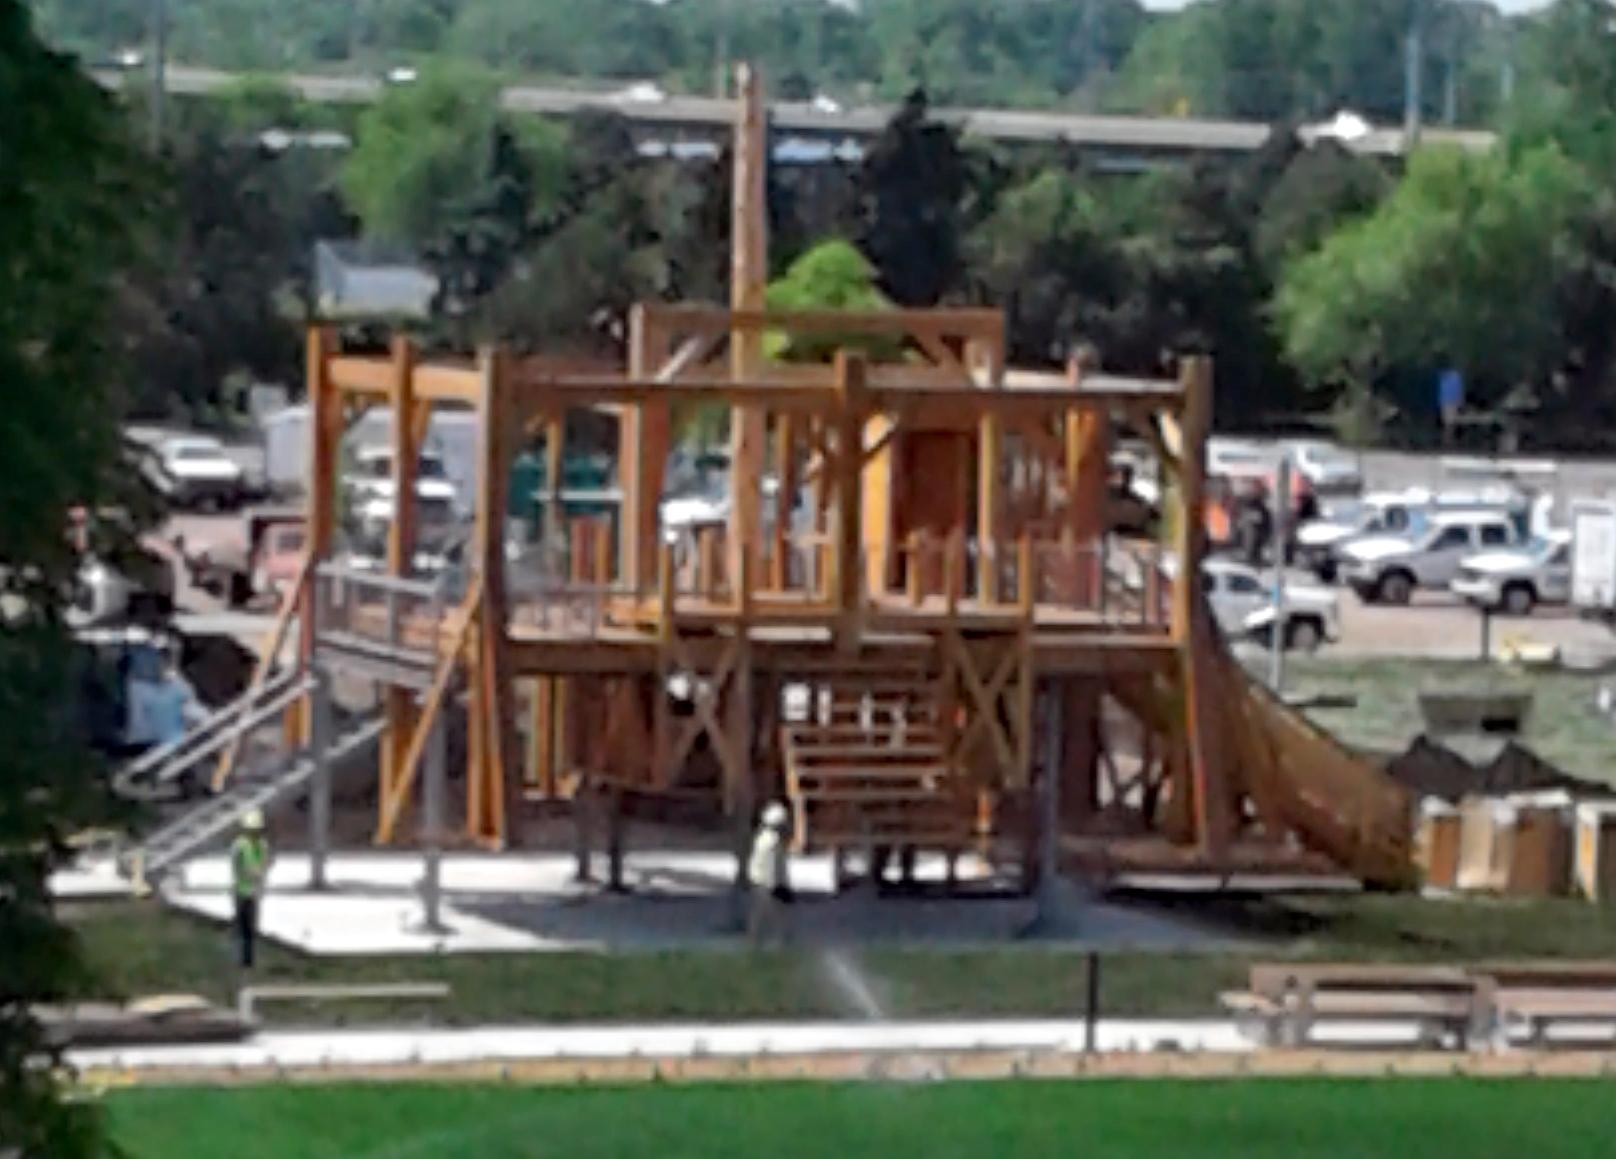 Featured mendota mdewakanton dakota tribal community - Walker art center sculpture garden ...